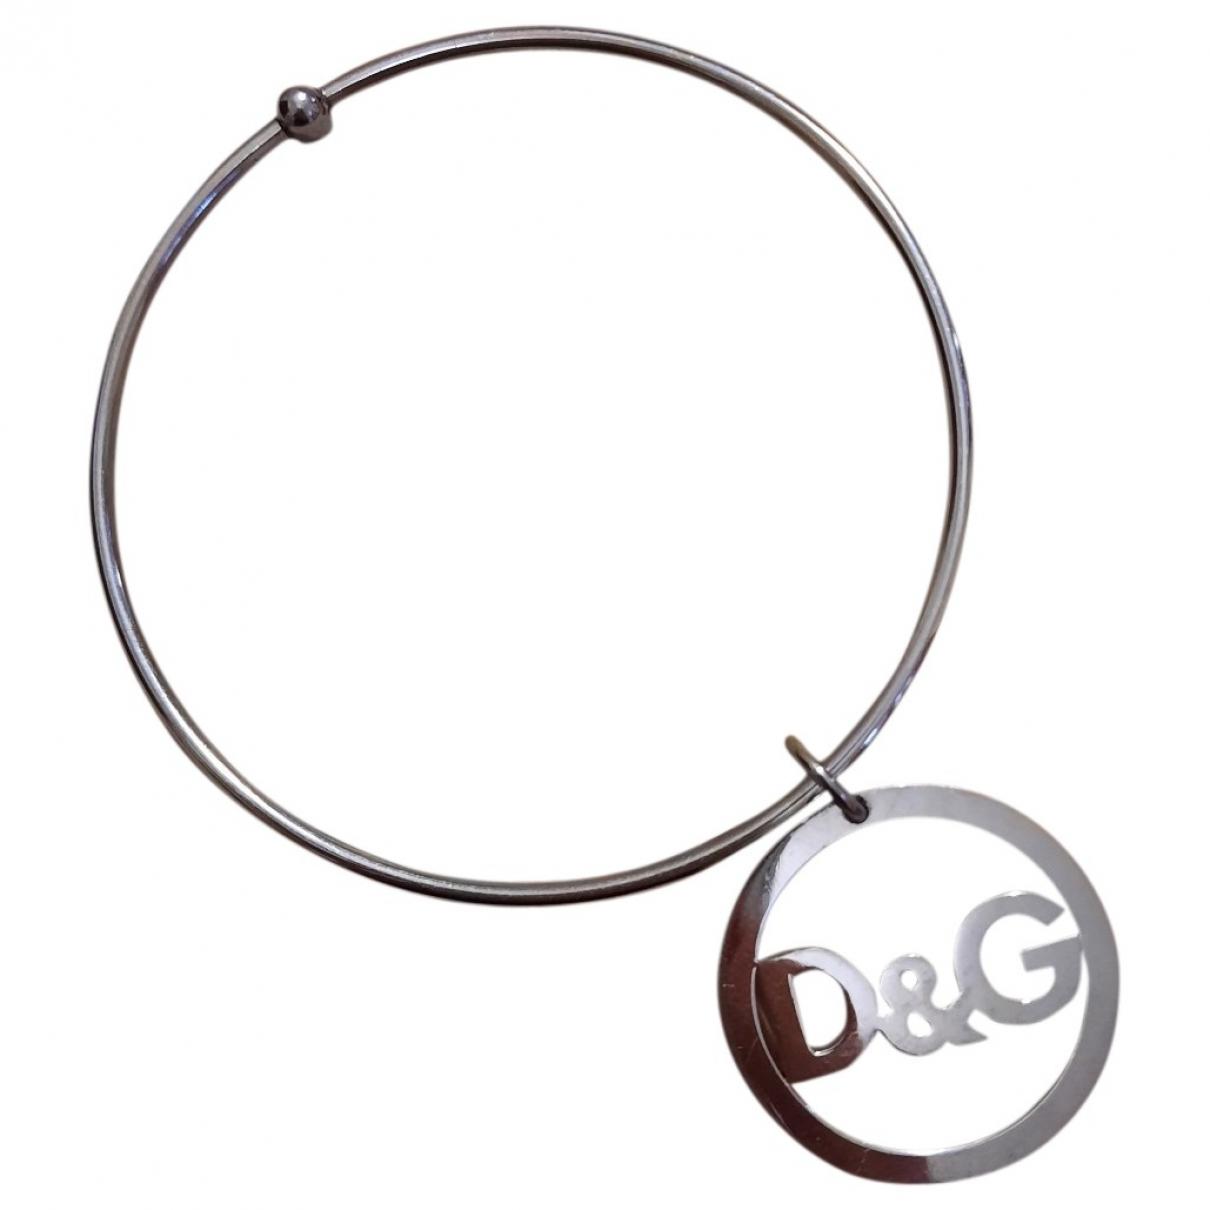 D&g - Bracelet   pour femme en acier - argente